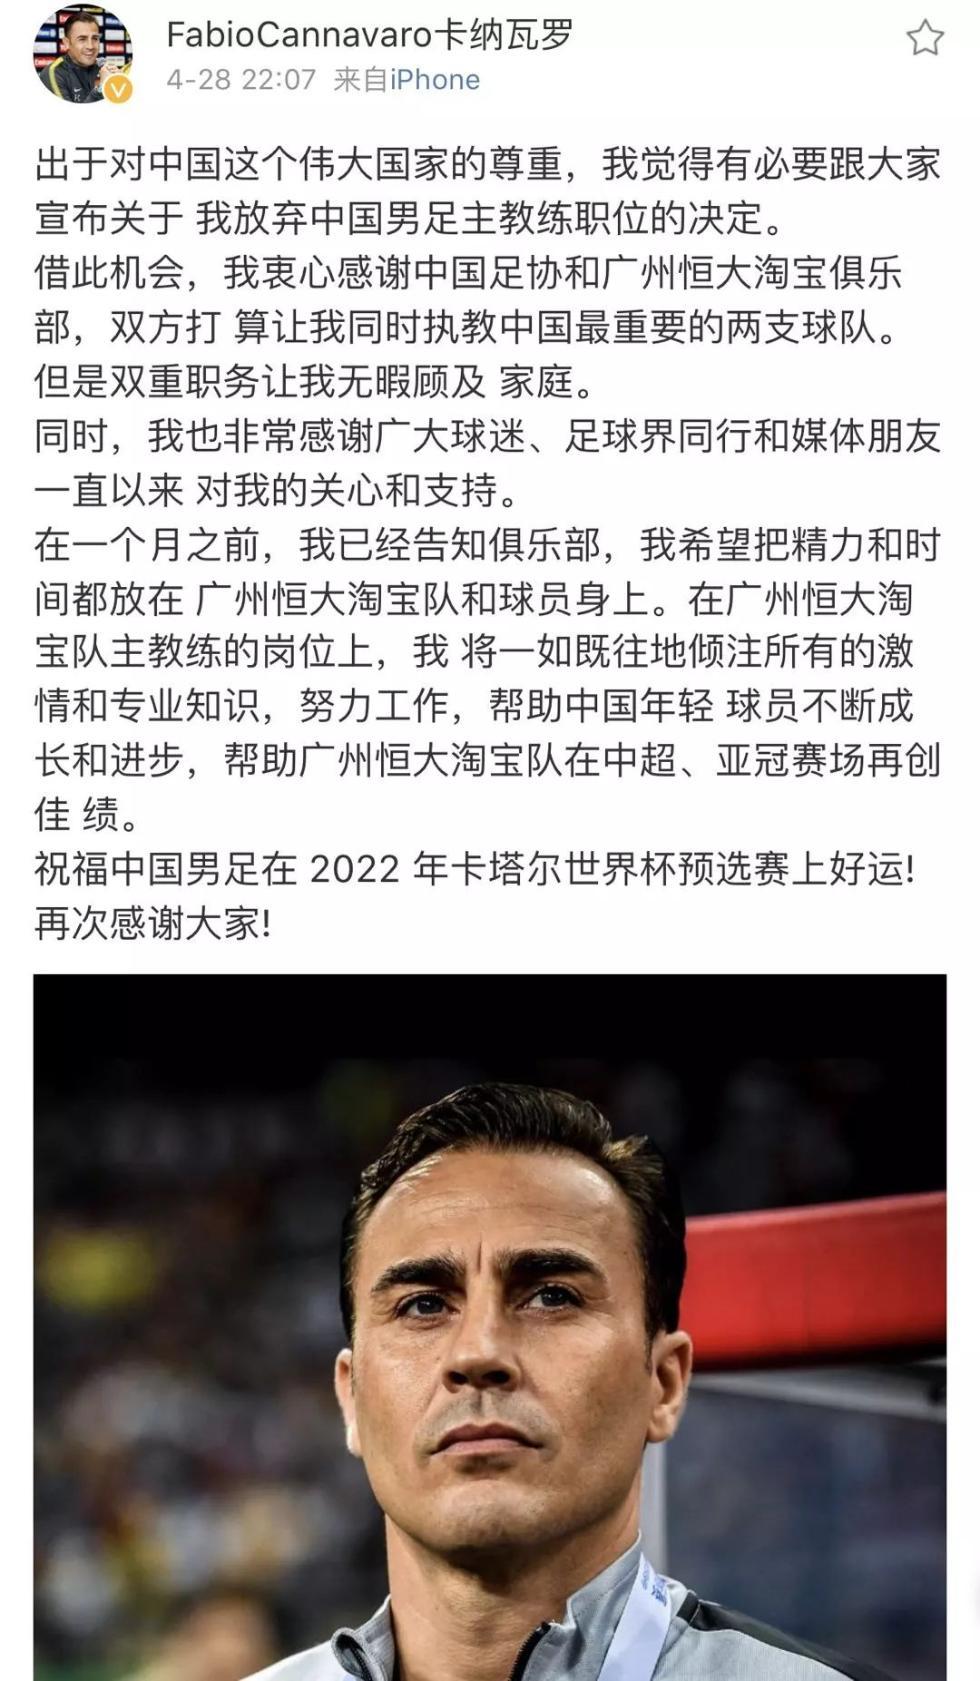 卡纳瓦罗离任,国足冲击世界杯未战先乱?